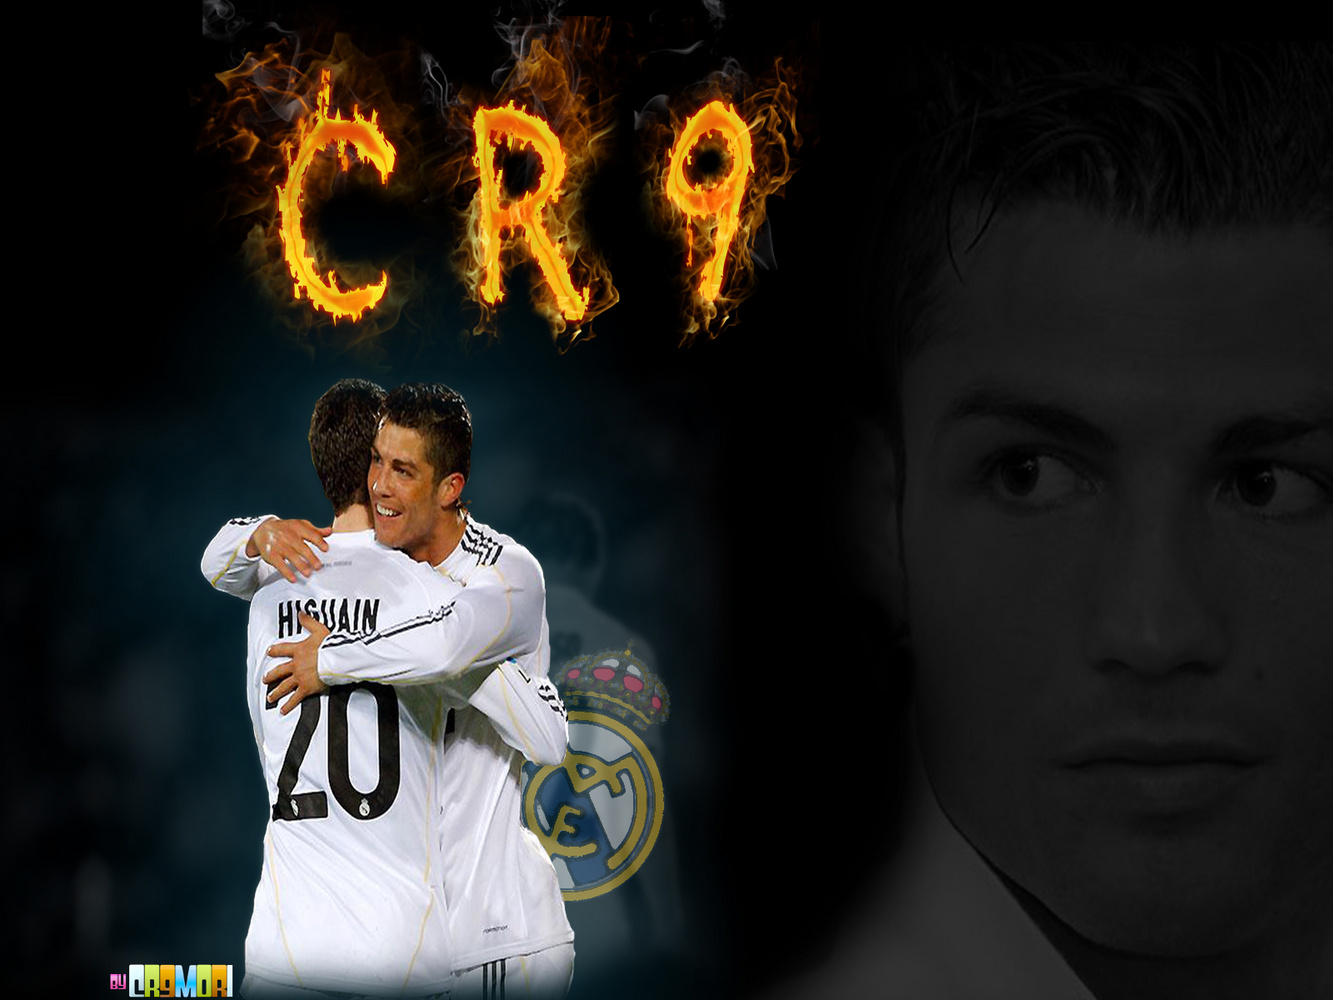 خلفيات كريستيانو رونالد 2012 Cristiano_Ronaldo_3